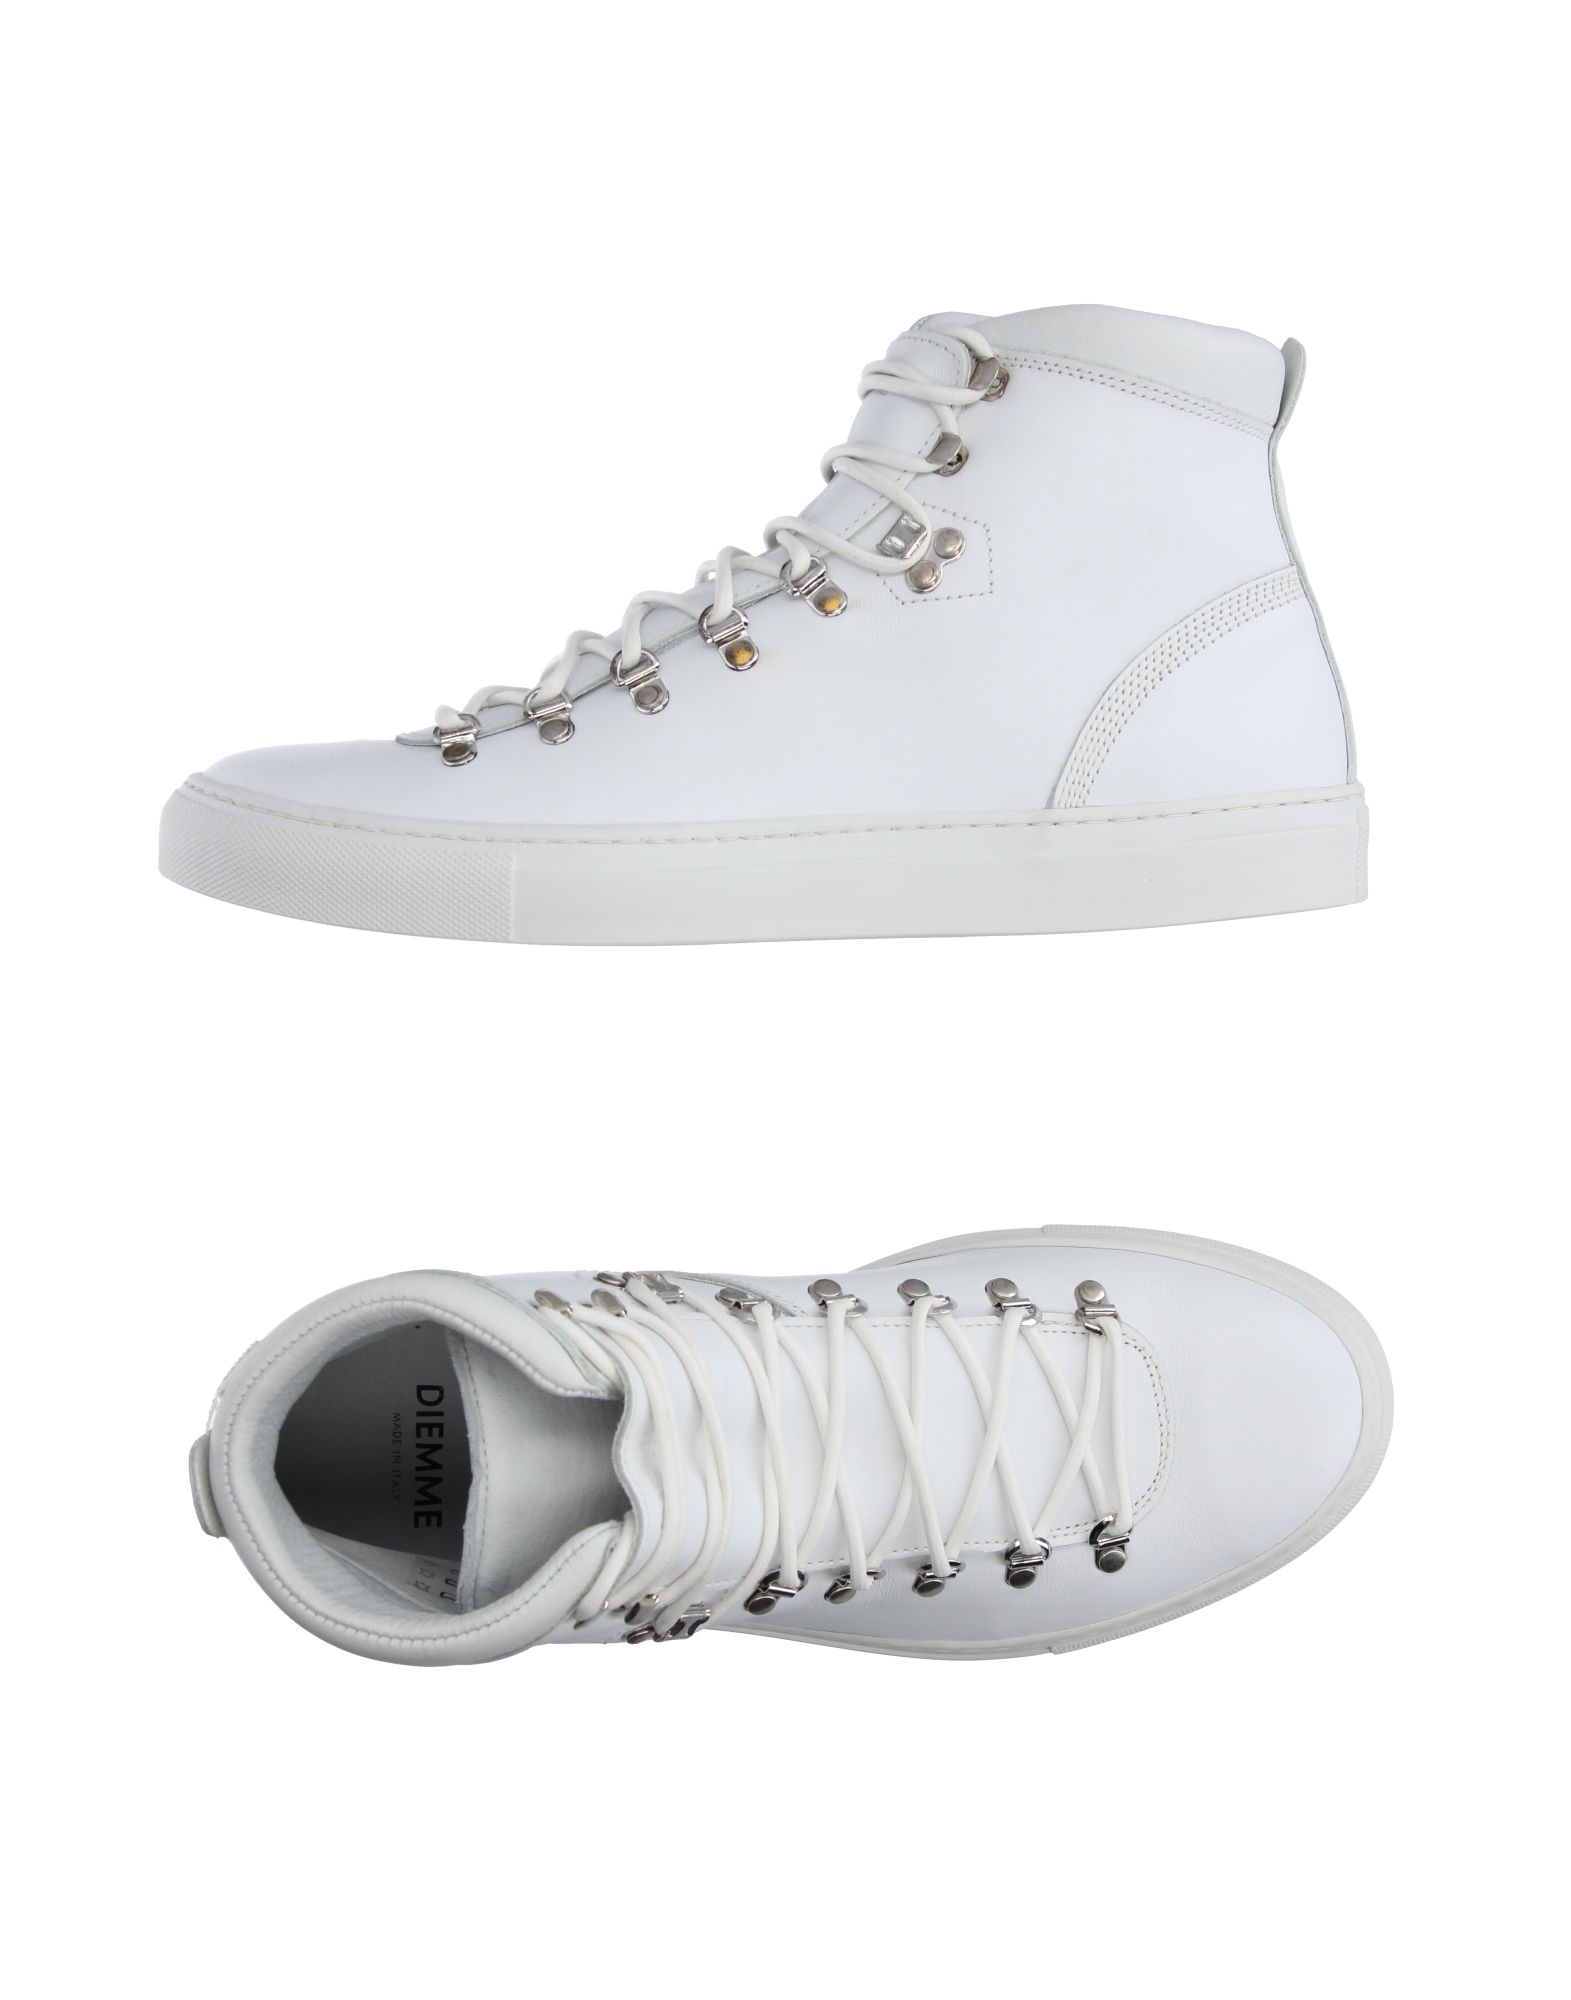 Diemme Sneakers Herren  11207218UM Gute Qualität beliebte Schuhe